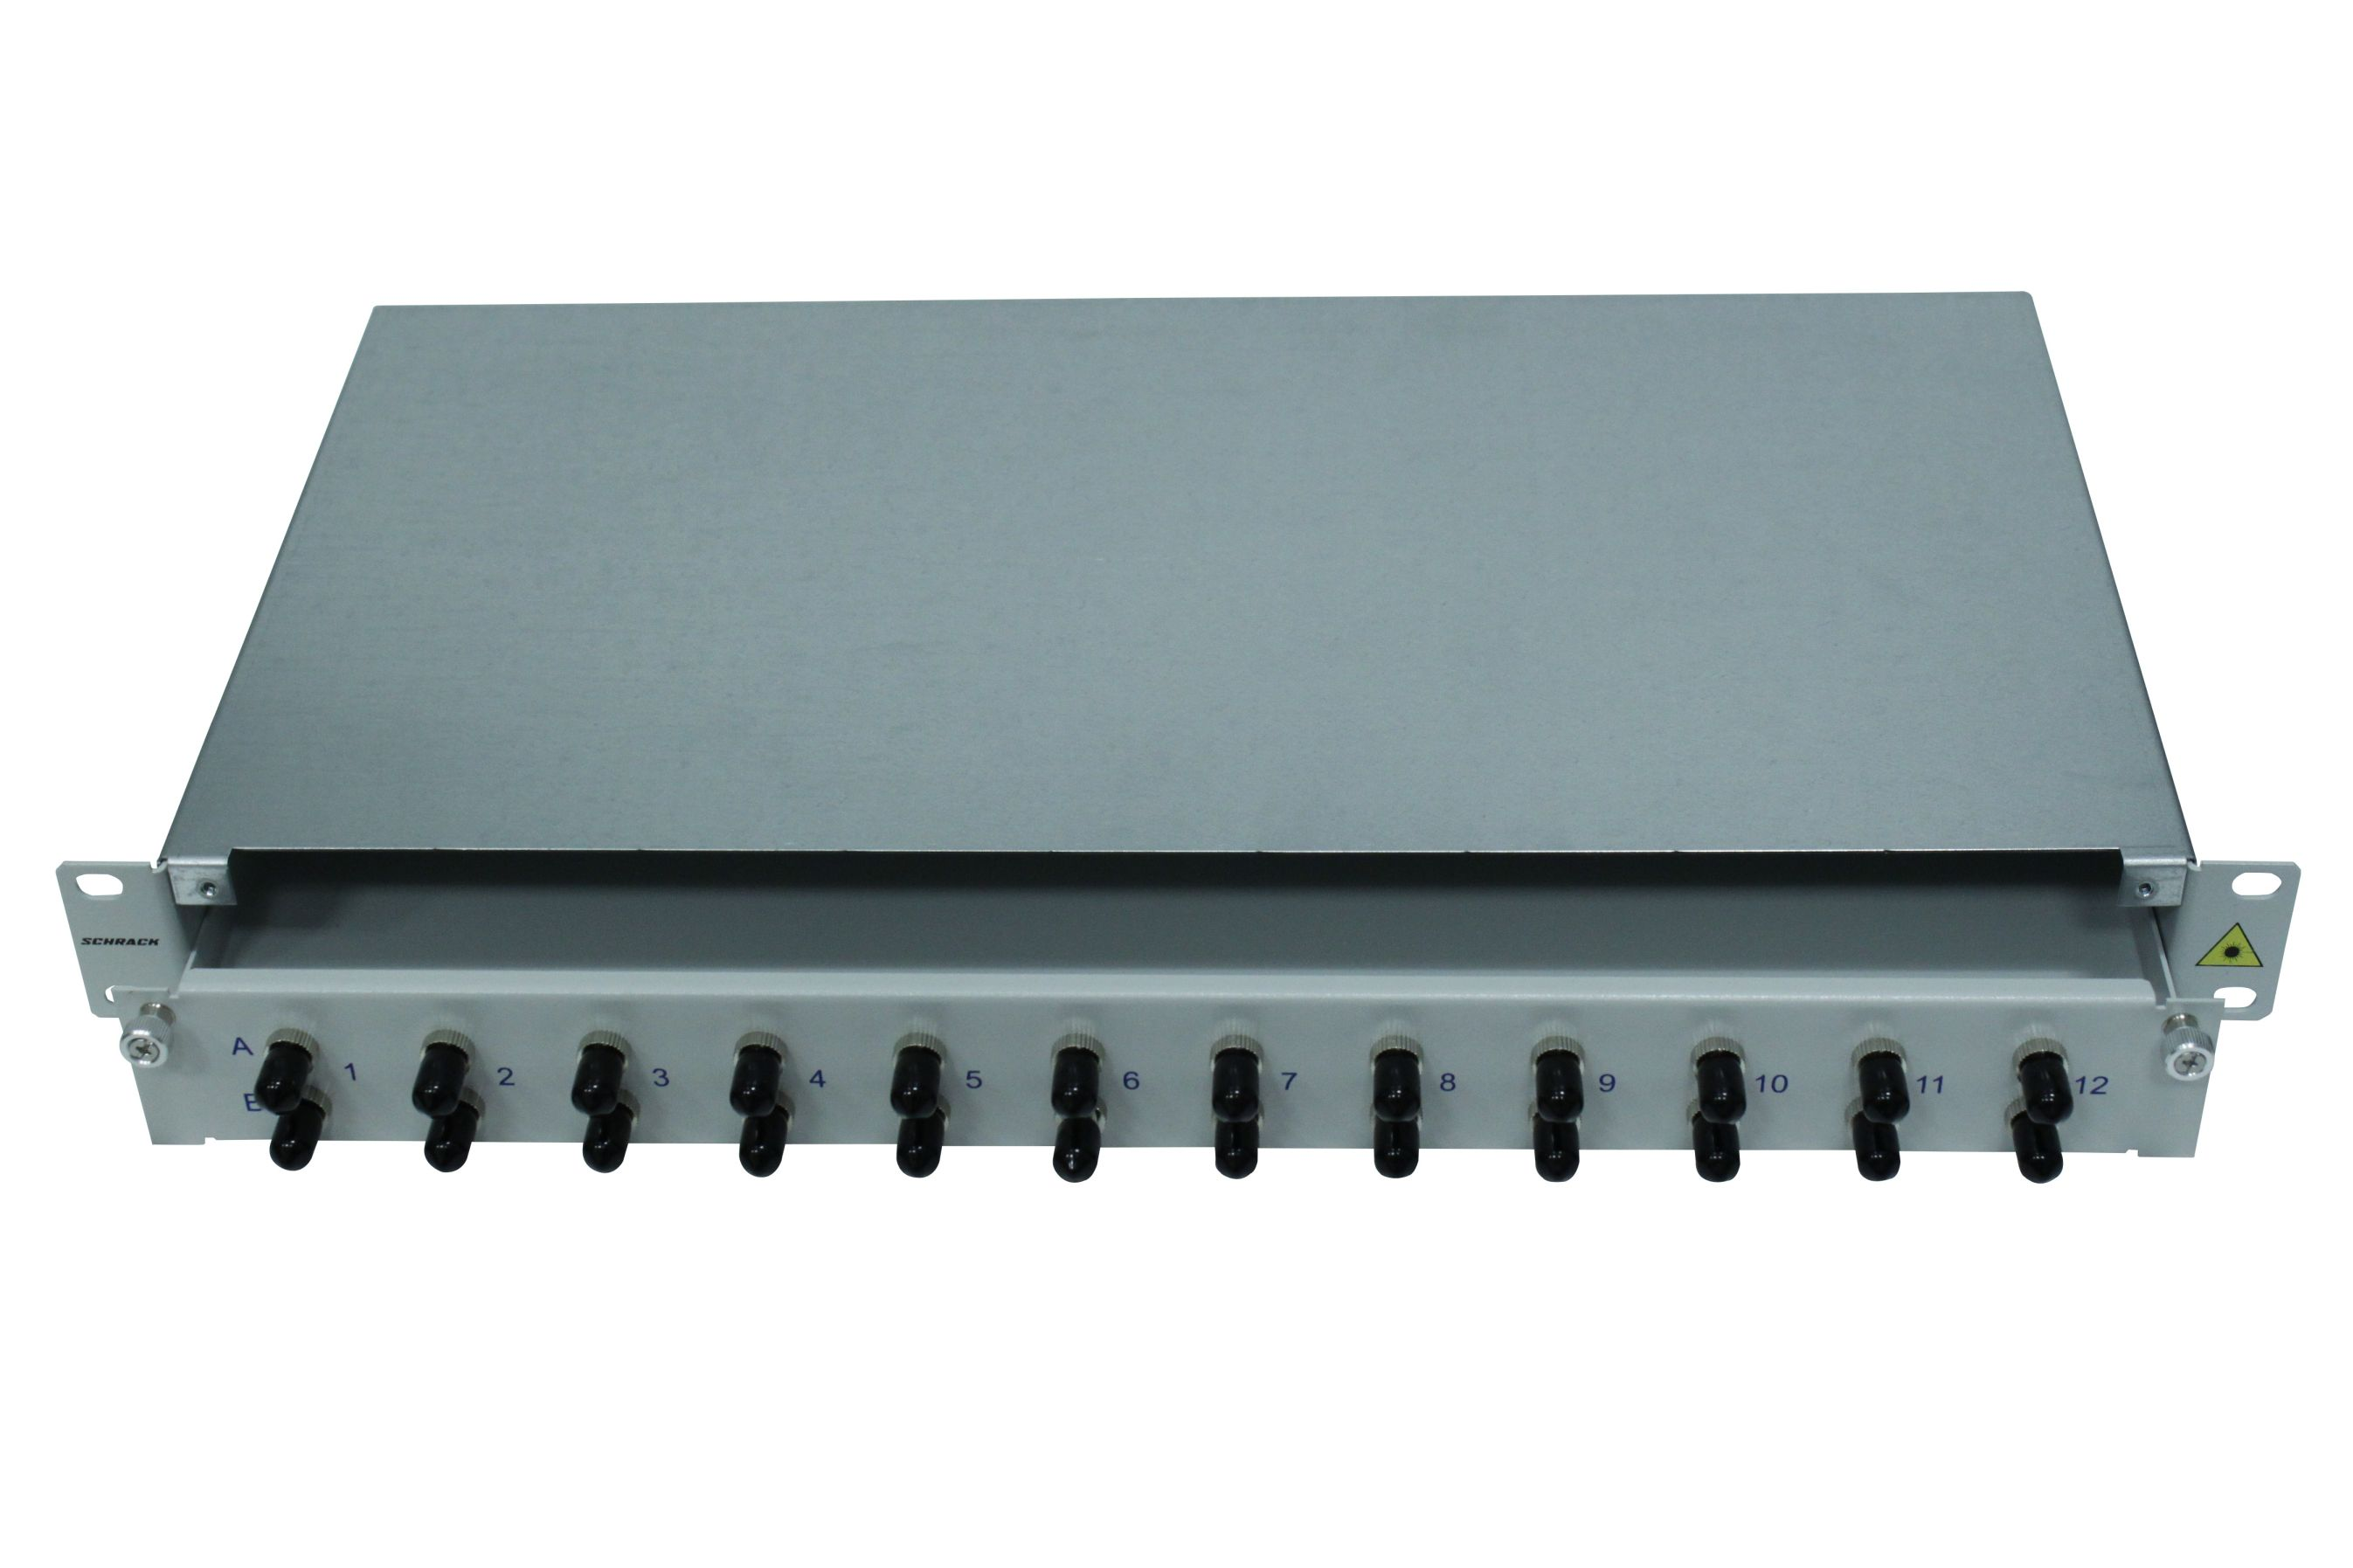 1 Stk LWL Patchpanel 19, 1 HE, ausziehbar, für 12 Fasern, ST, MM HSELS12MTG